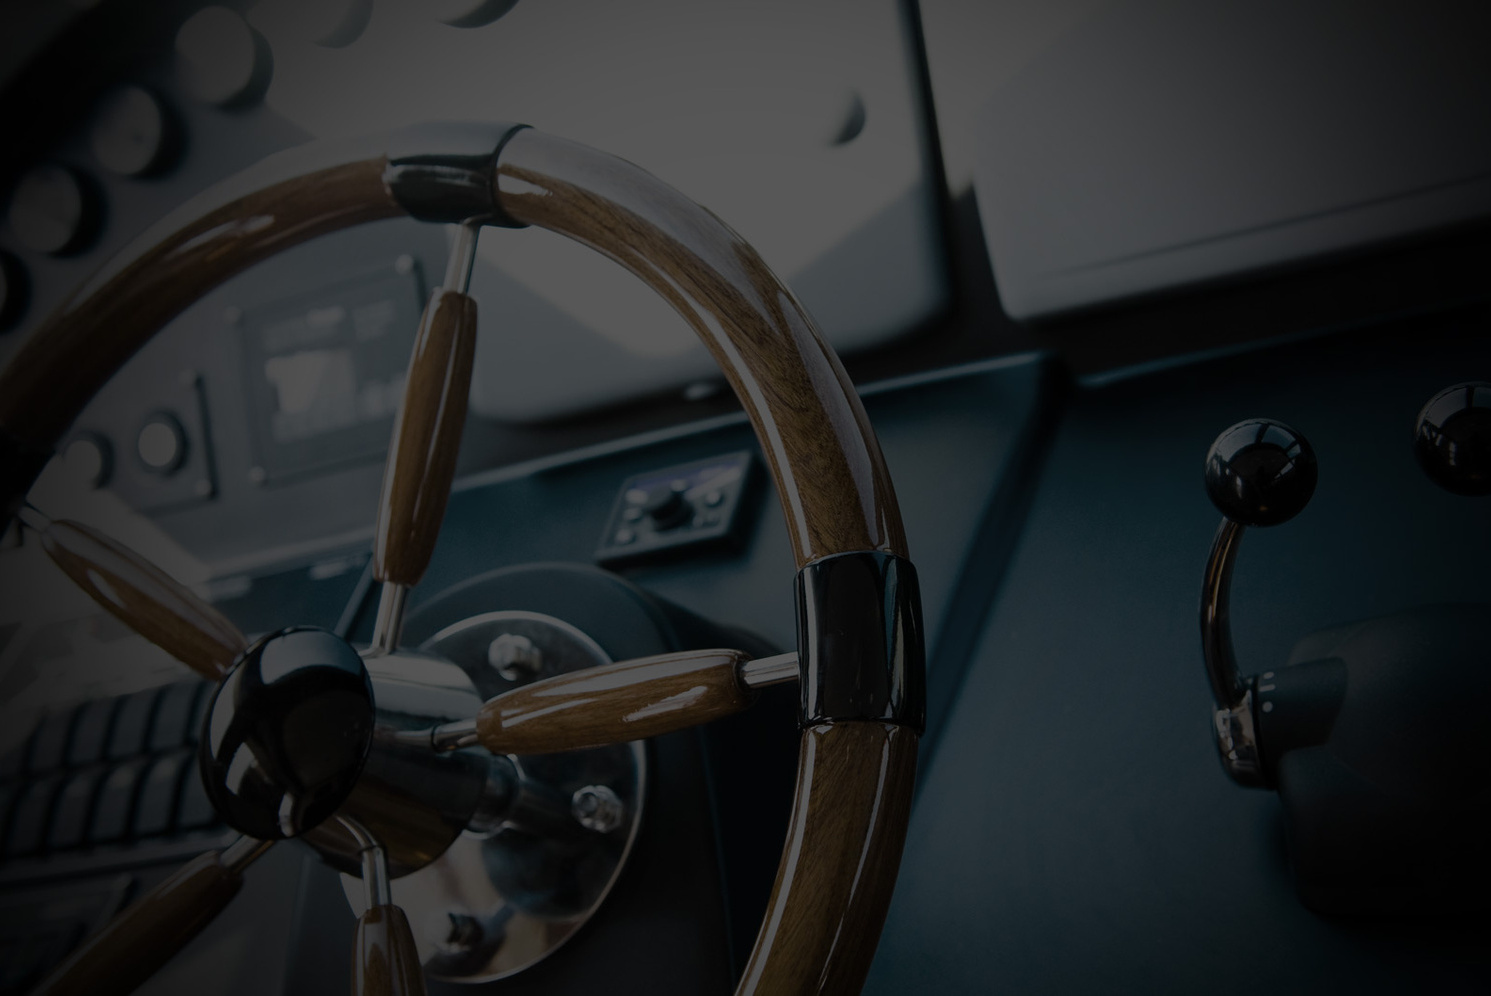 Background wheel